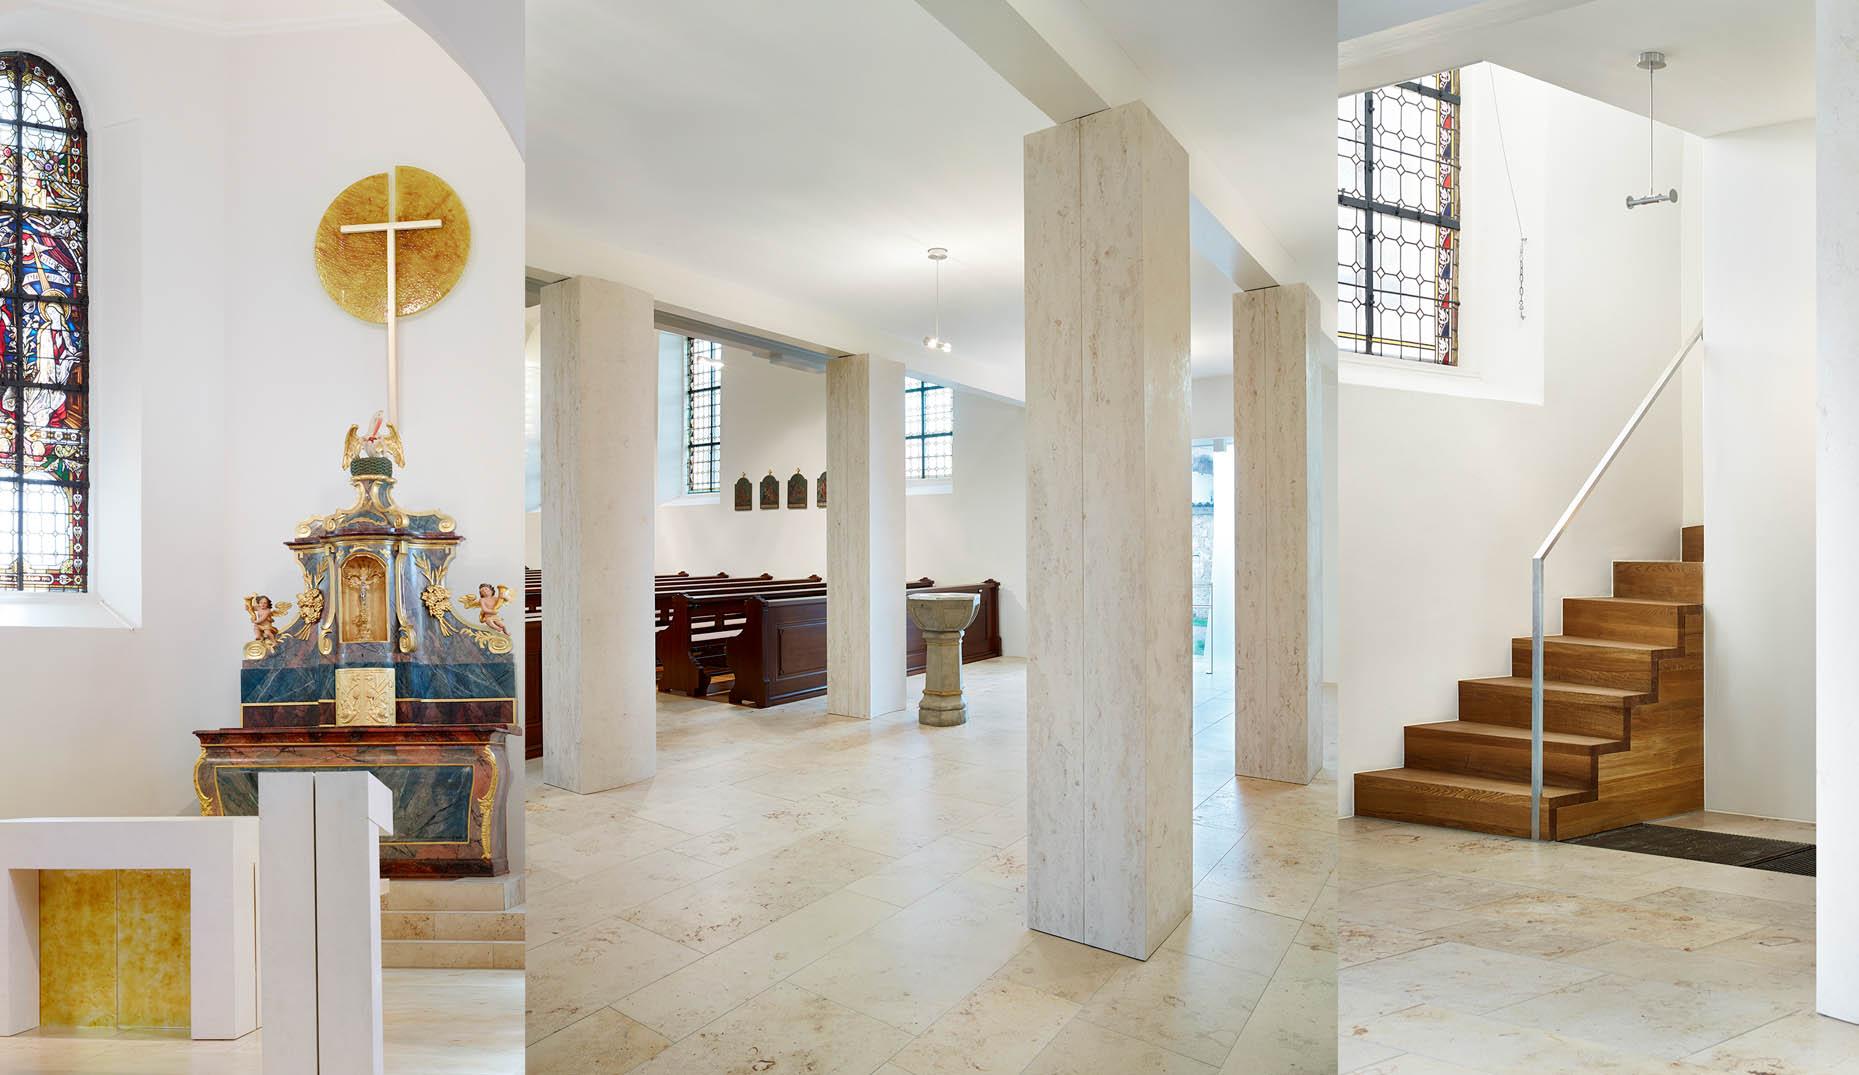 Der modernisierte Innenraum einer Kirche im Schwarzwald